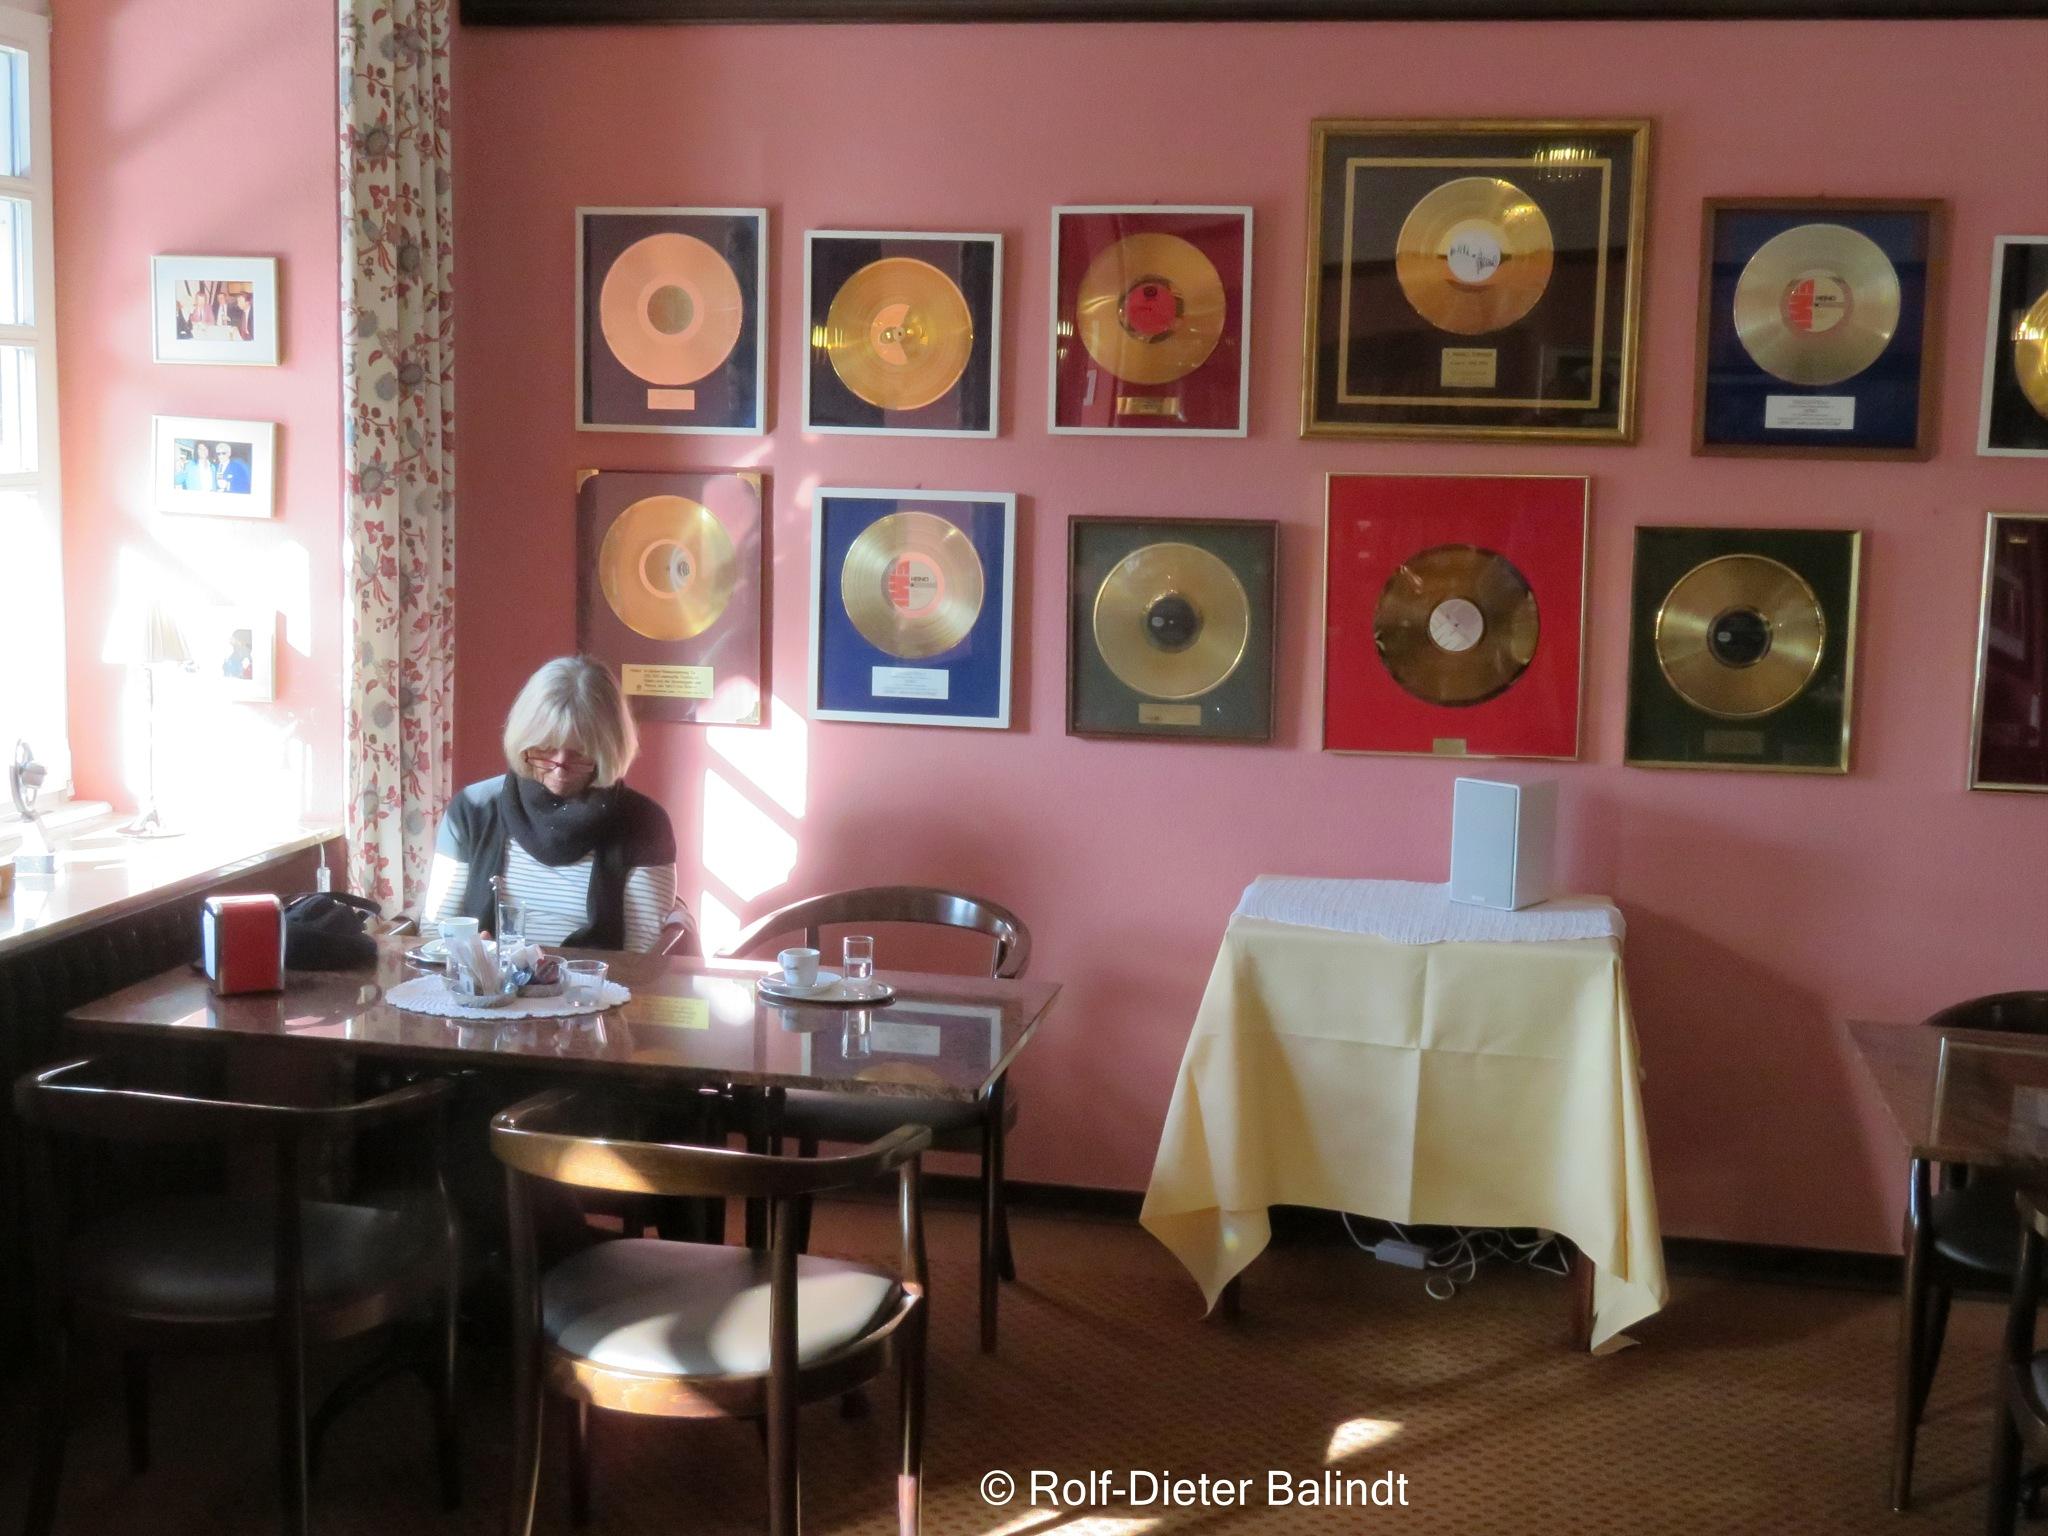 Heinos Café by Rolf-Dieter Balindt